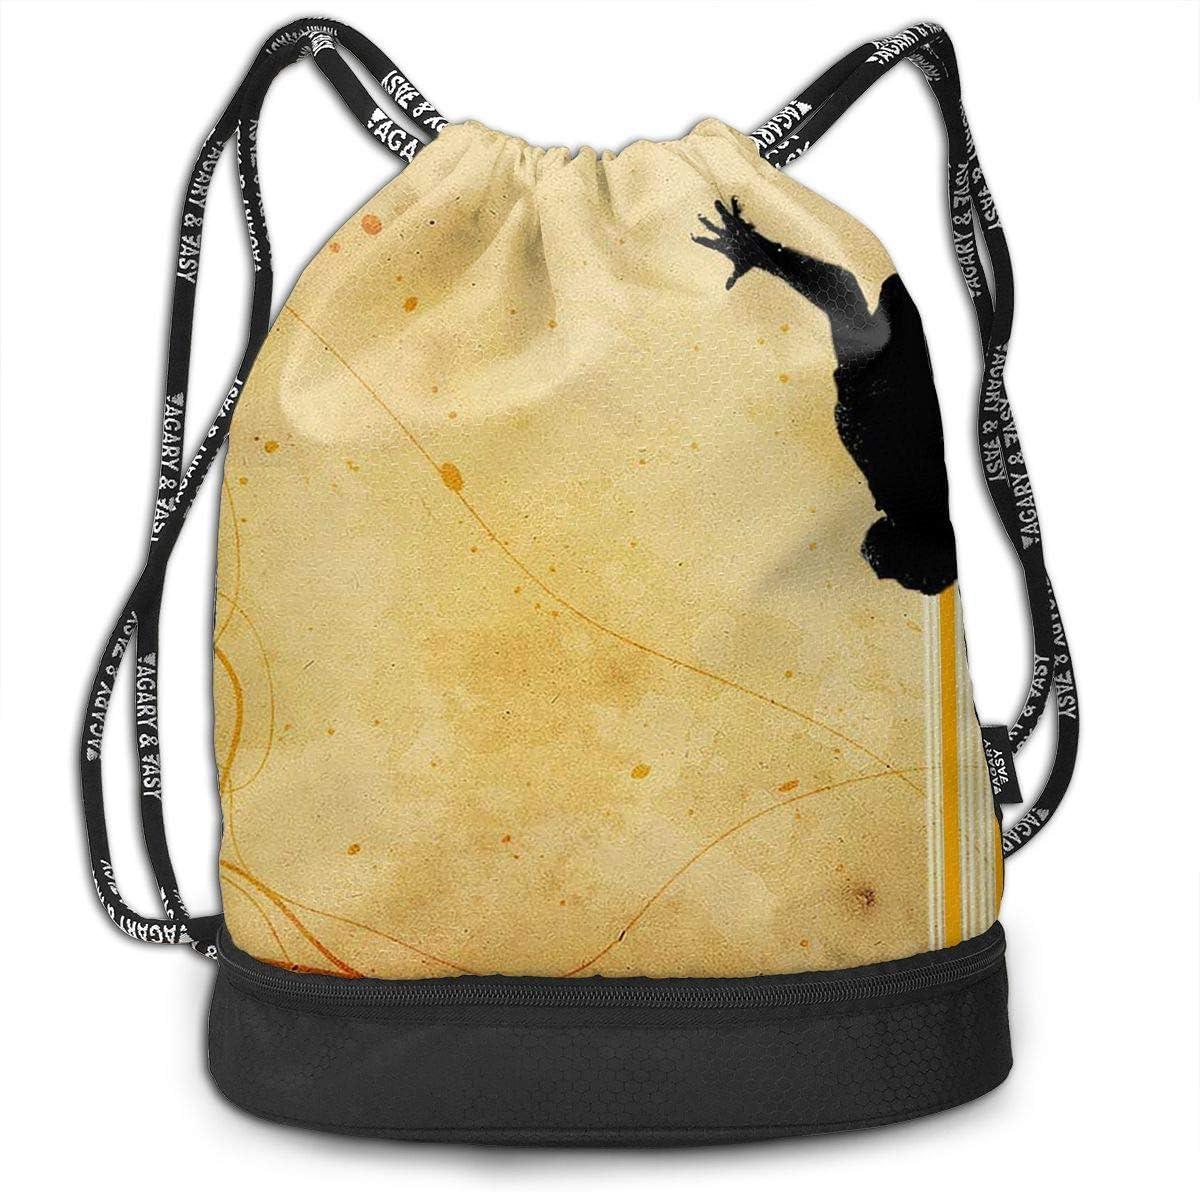 Boxing Fight Unisex Gym Drawstring Shoulder Bag Backpack String Bags